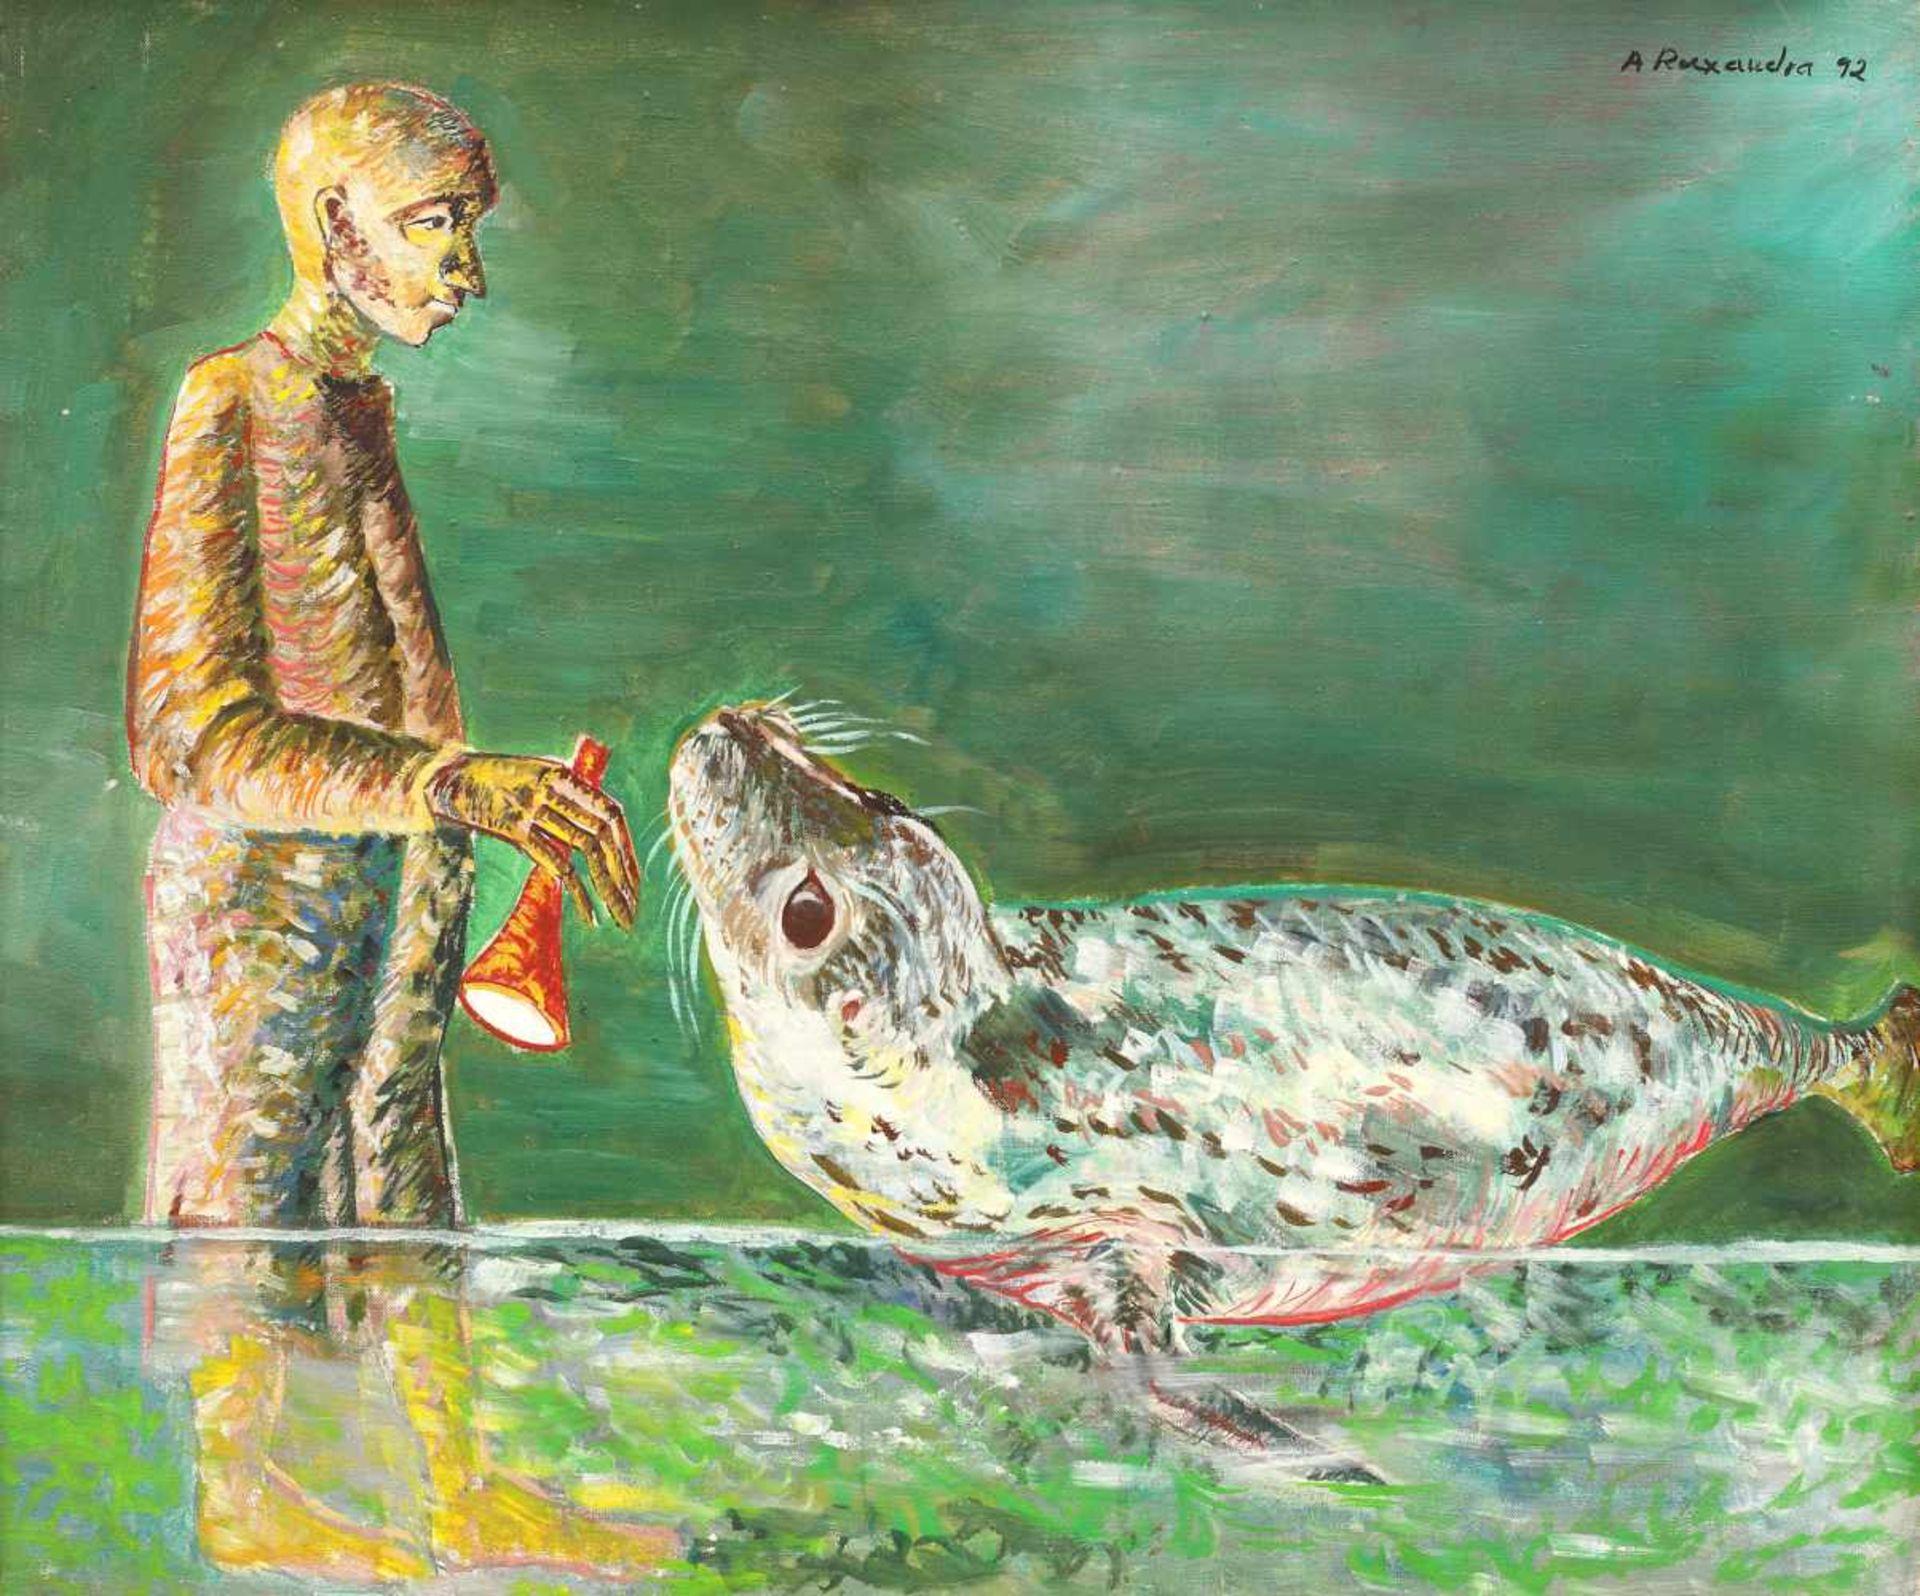 Ana Ruxandra Ilfoveanu, The Musician and the Sea Lion